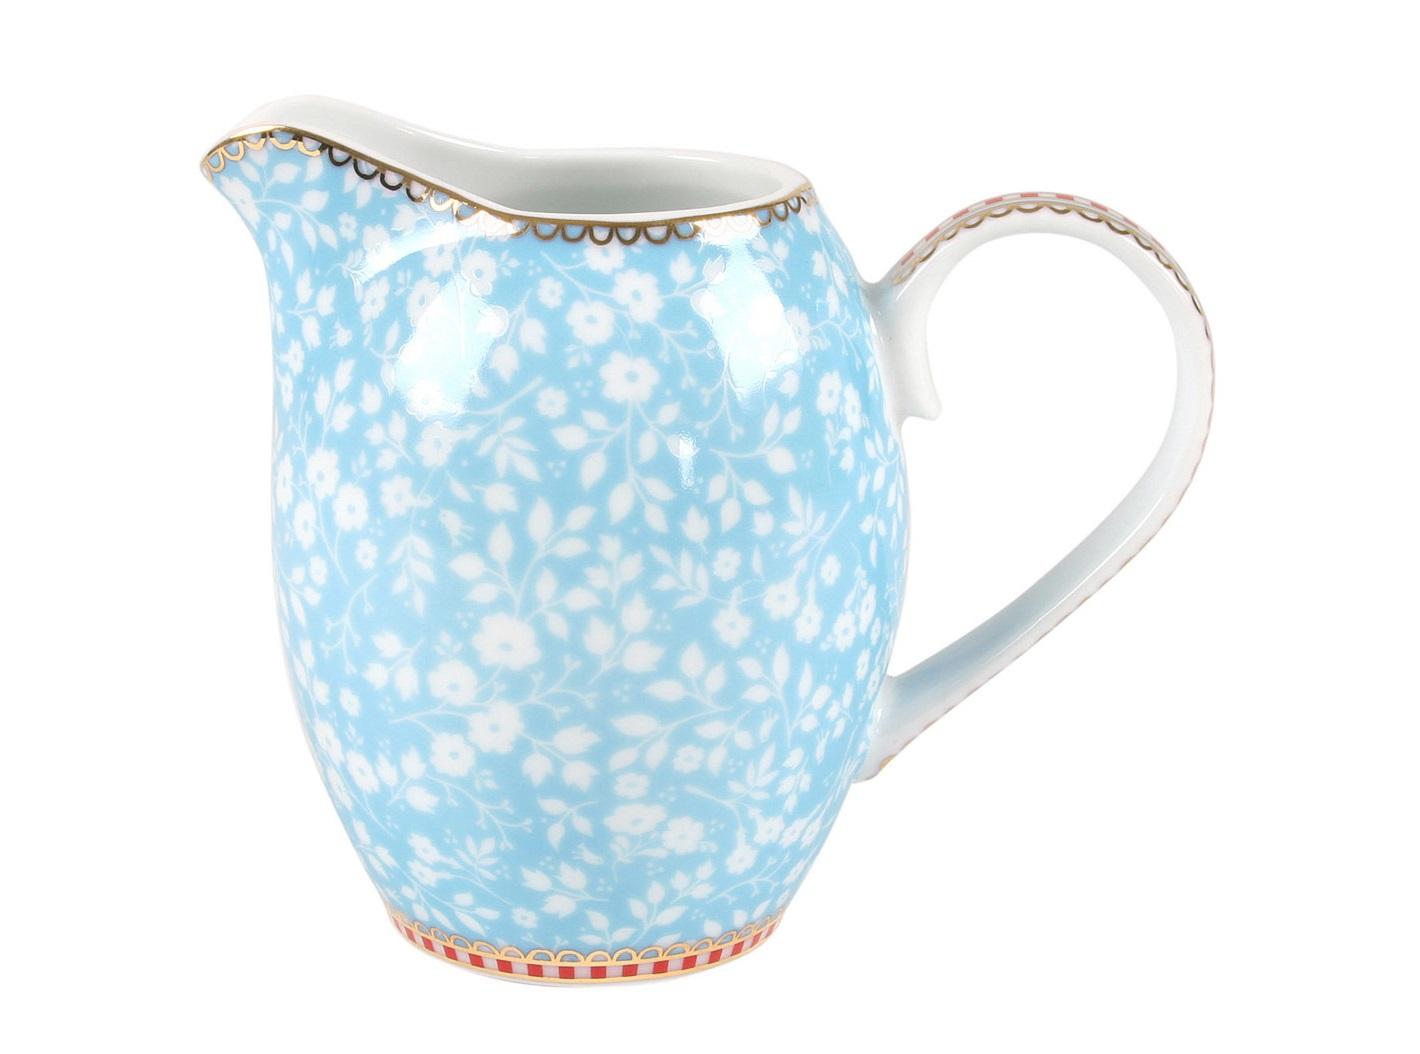 Молочник маленький Floral BlueКофейники и молочники<br>Объём 250 мл. Не использовать в микроволновой печи. Не рекомендуется мыть в посудомоечной машине.<br><br>Material: Фарфор<br>Ширина см: 11<br>Высота см: 9<br>Глубина см: 7